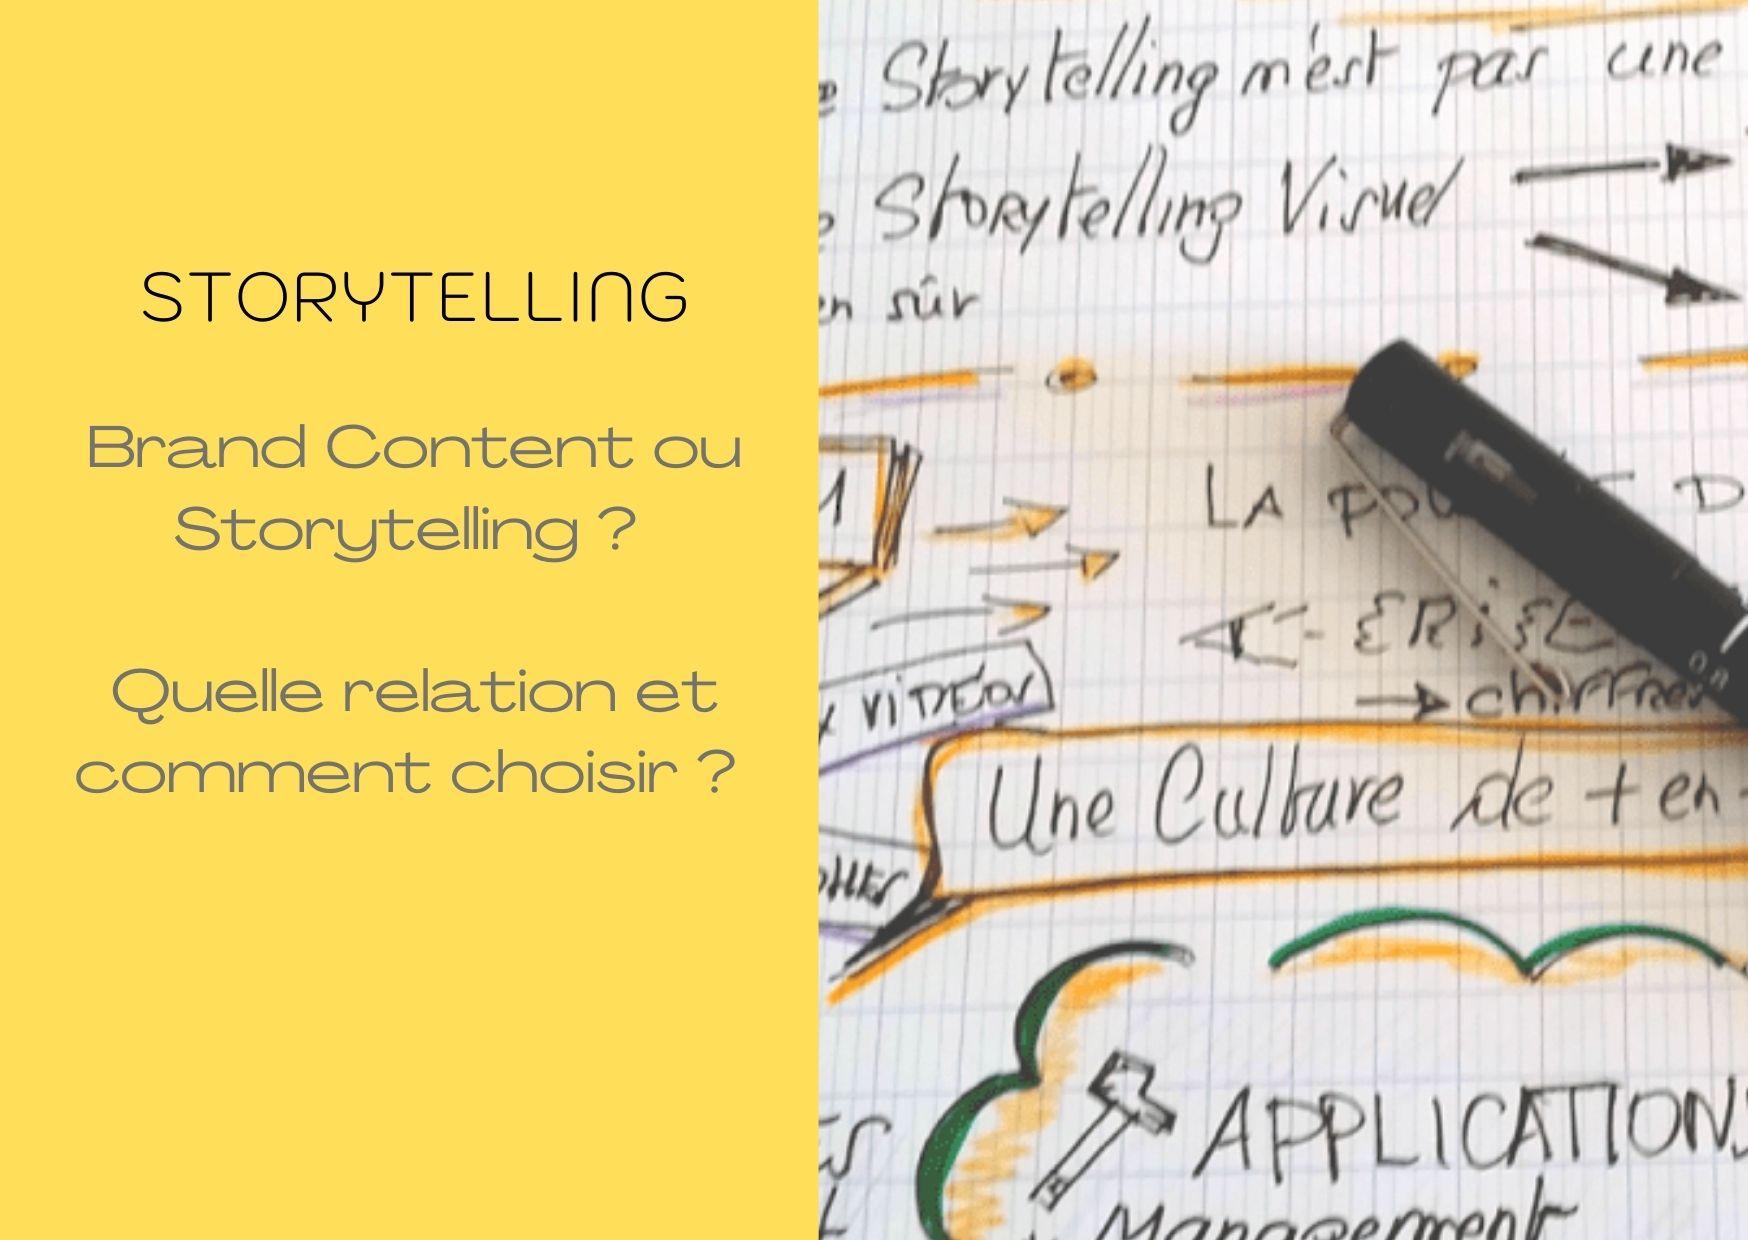 storytelling_et_brandcontent